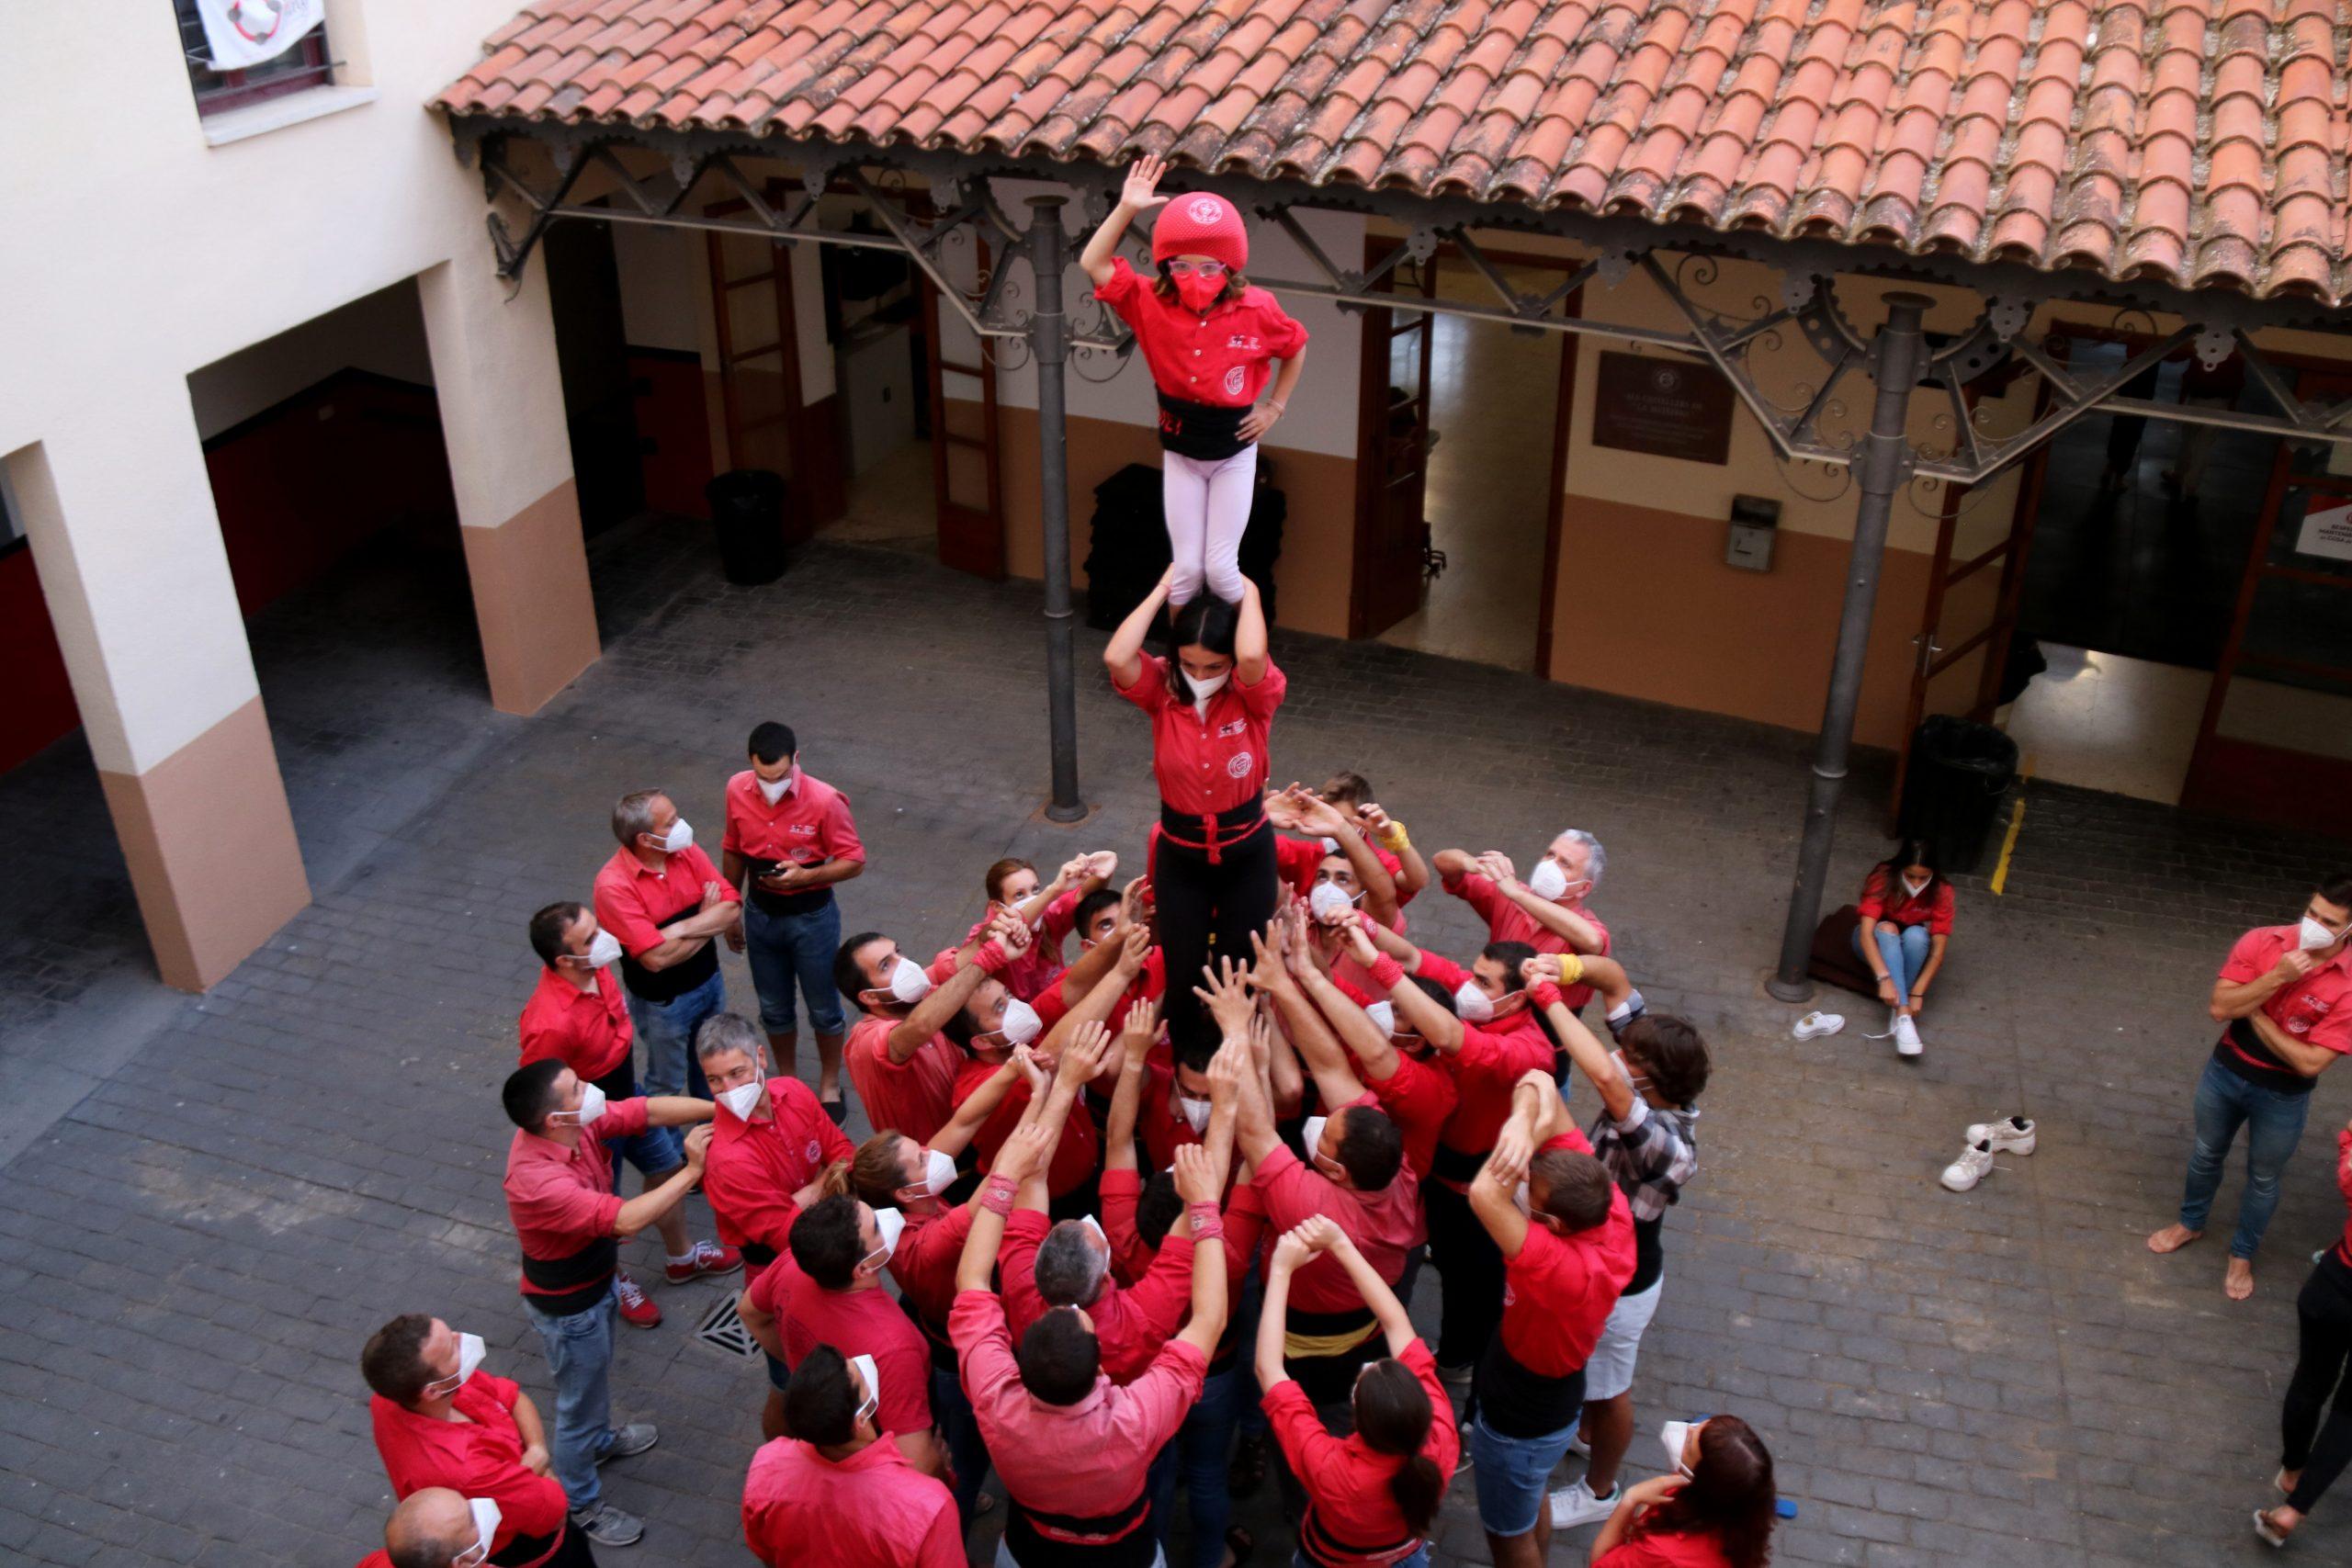 Els castellers de la Colla Joves dels Xiquets de Valls fent un pilar a l'exterior del local en el primer assaig de la prova pilot per reprendre l'activitat castellera per la diada de Sant Joan (ACN)